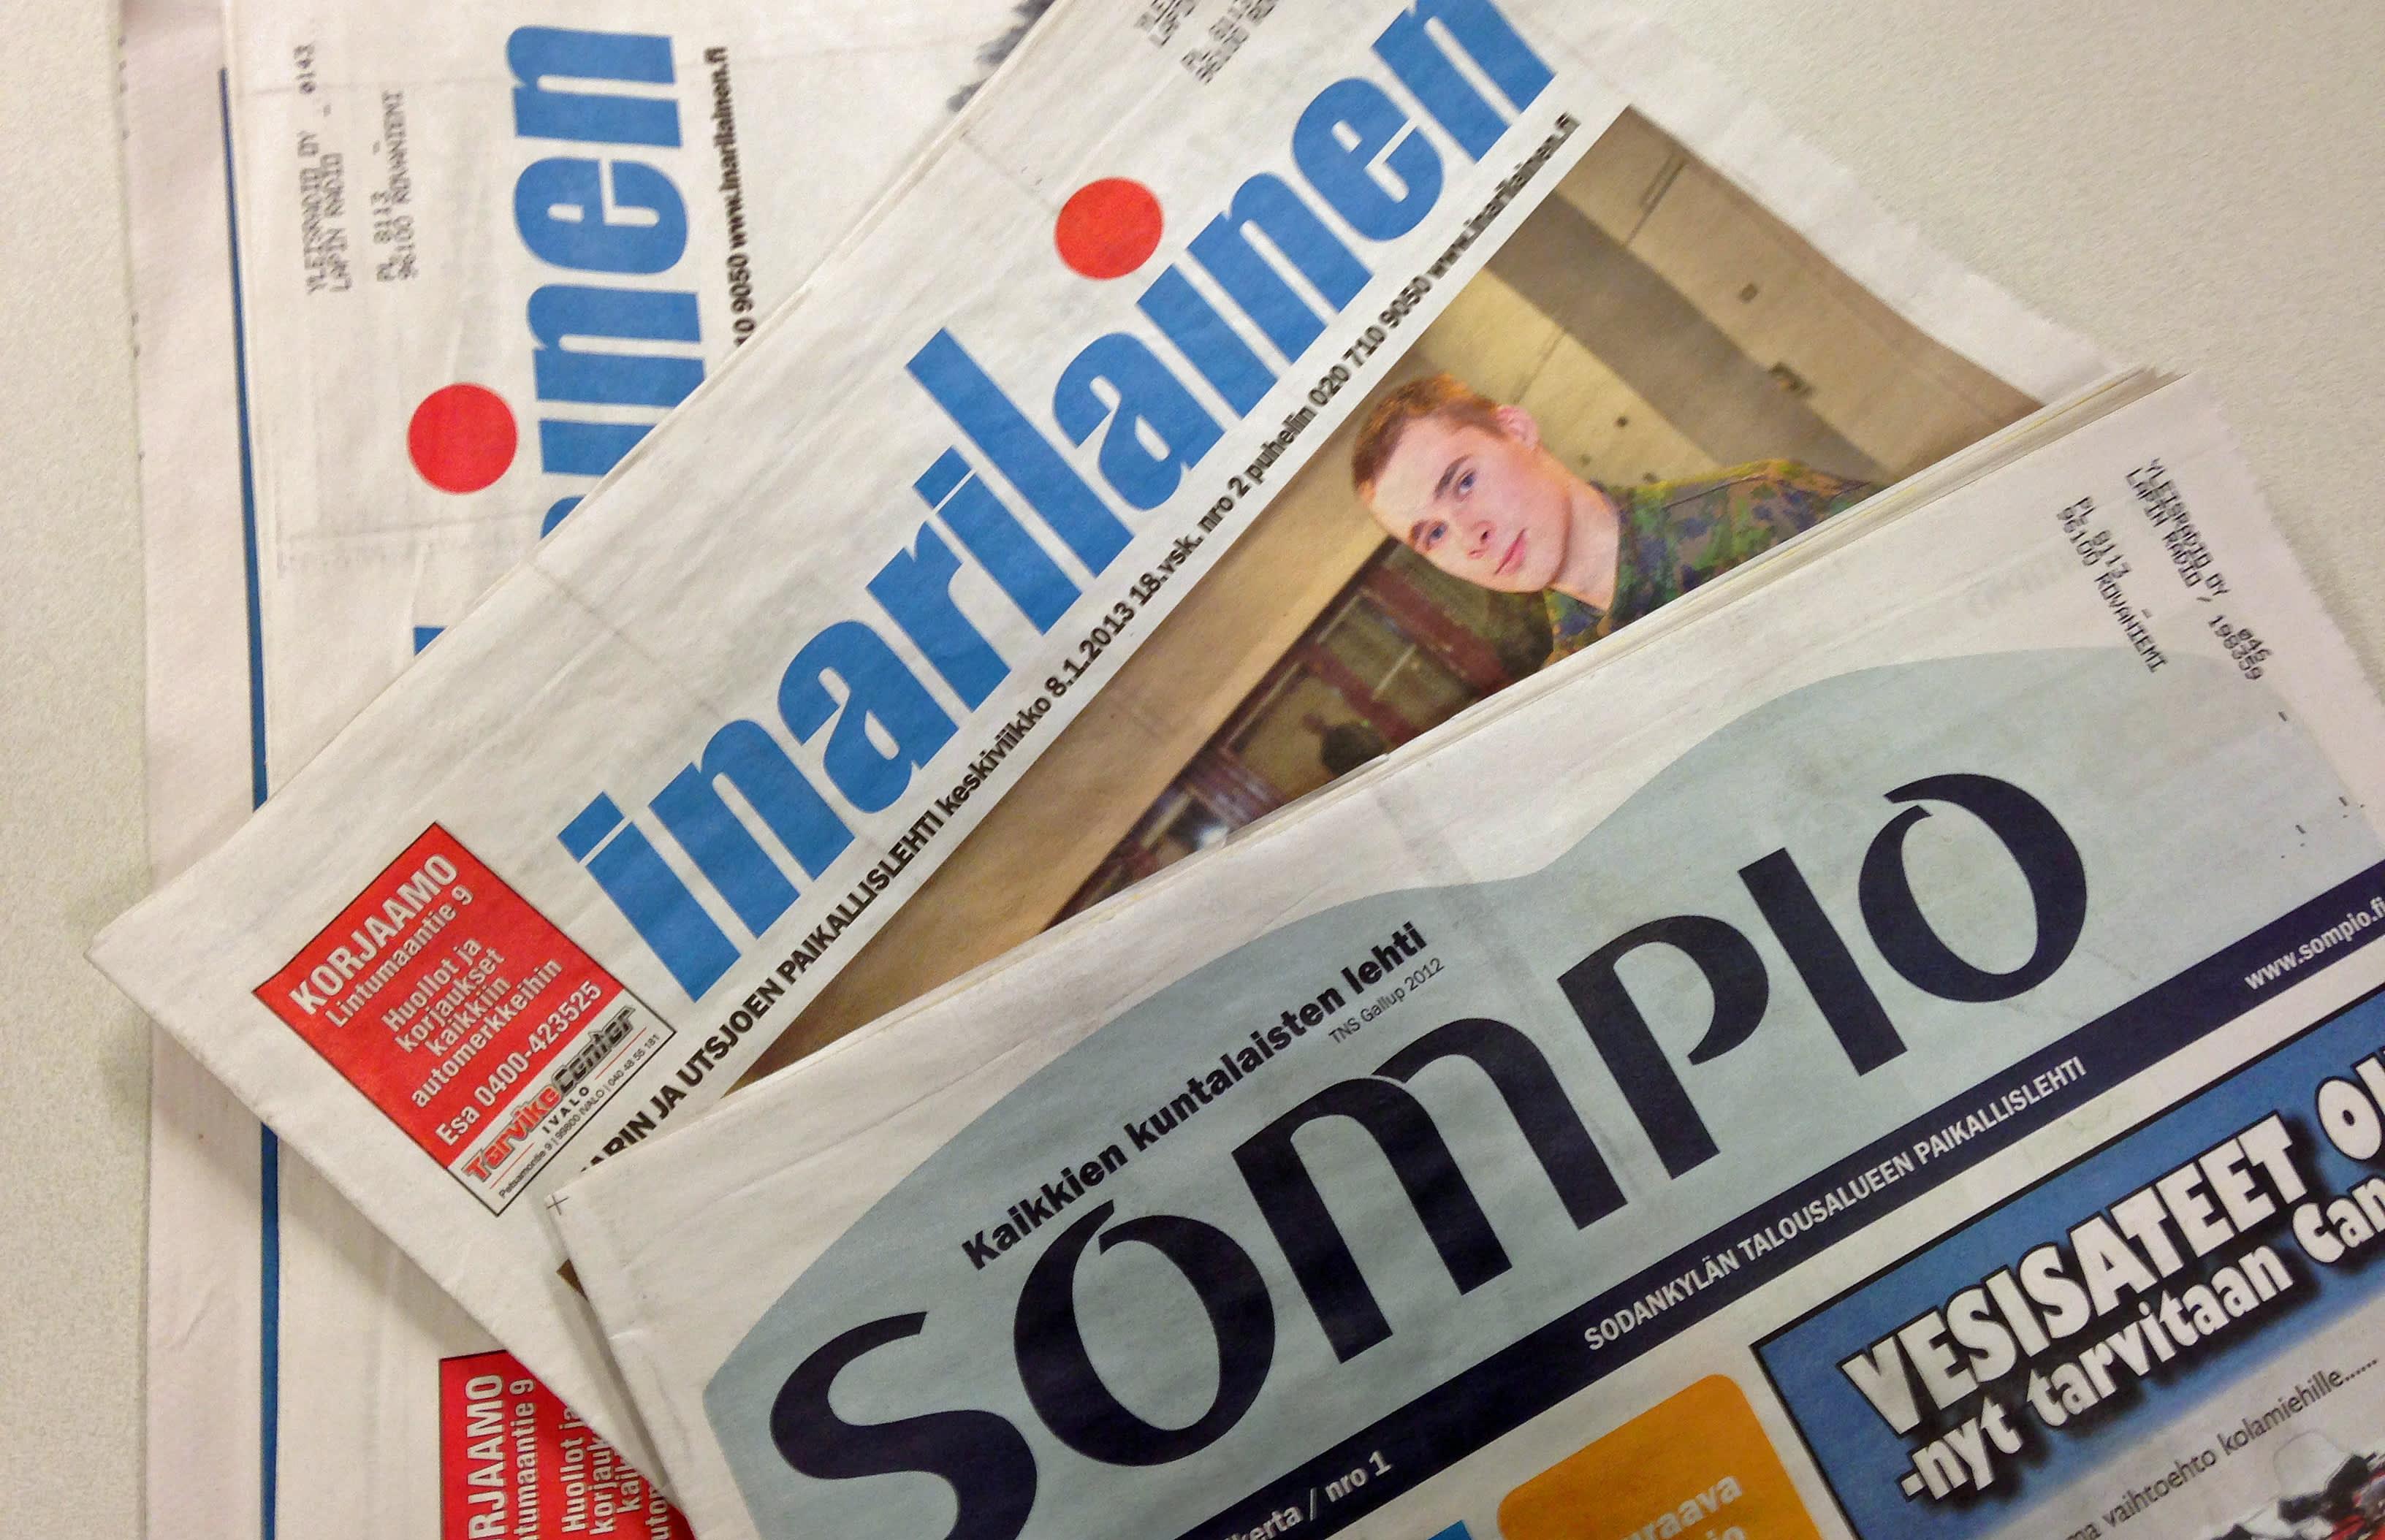 Inarilainen ja Sompio-lehti samalle yhtiölle